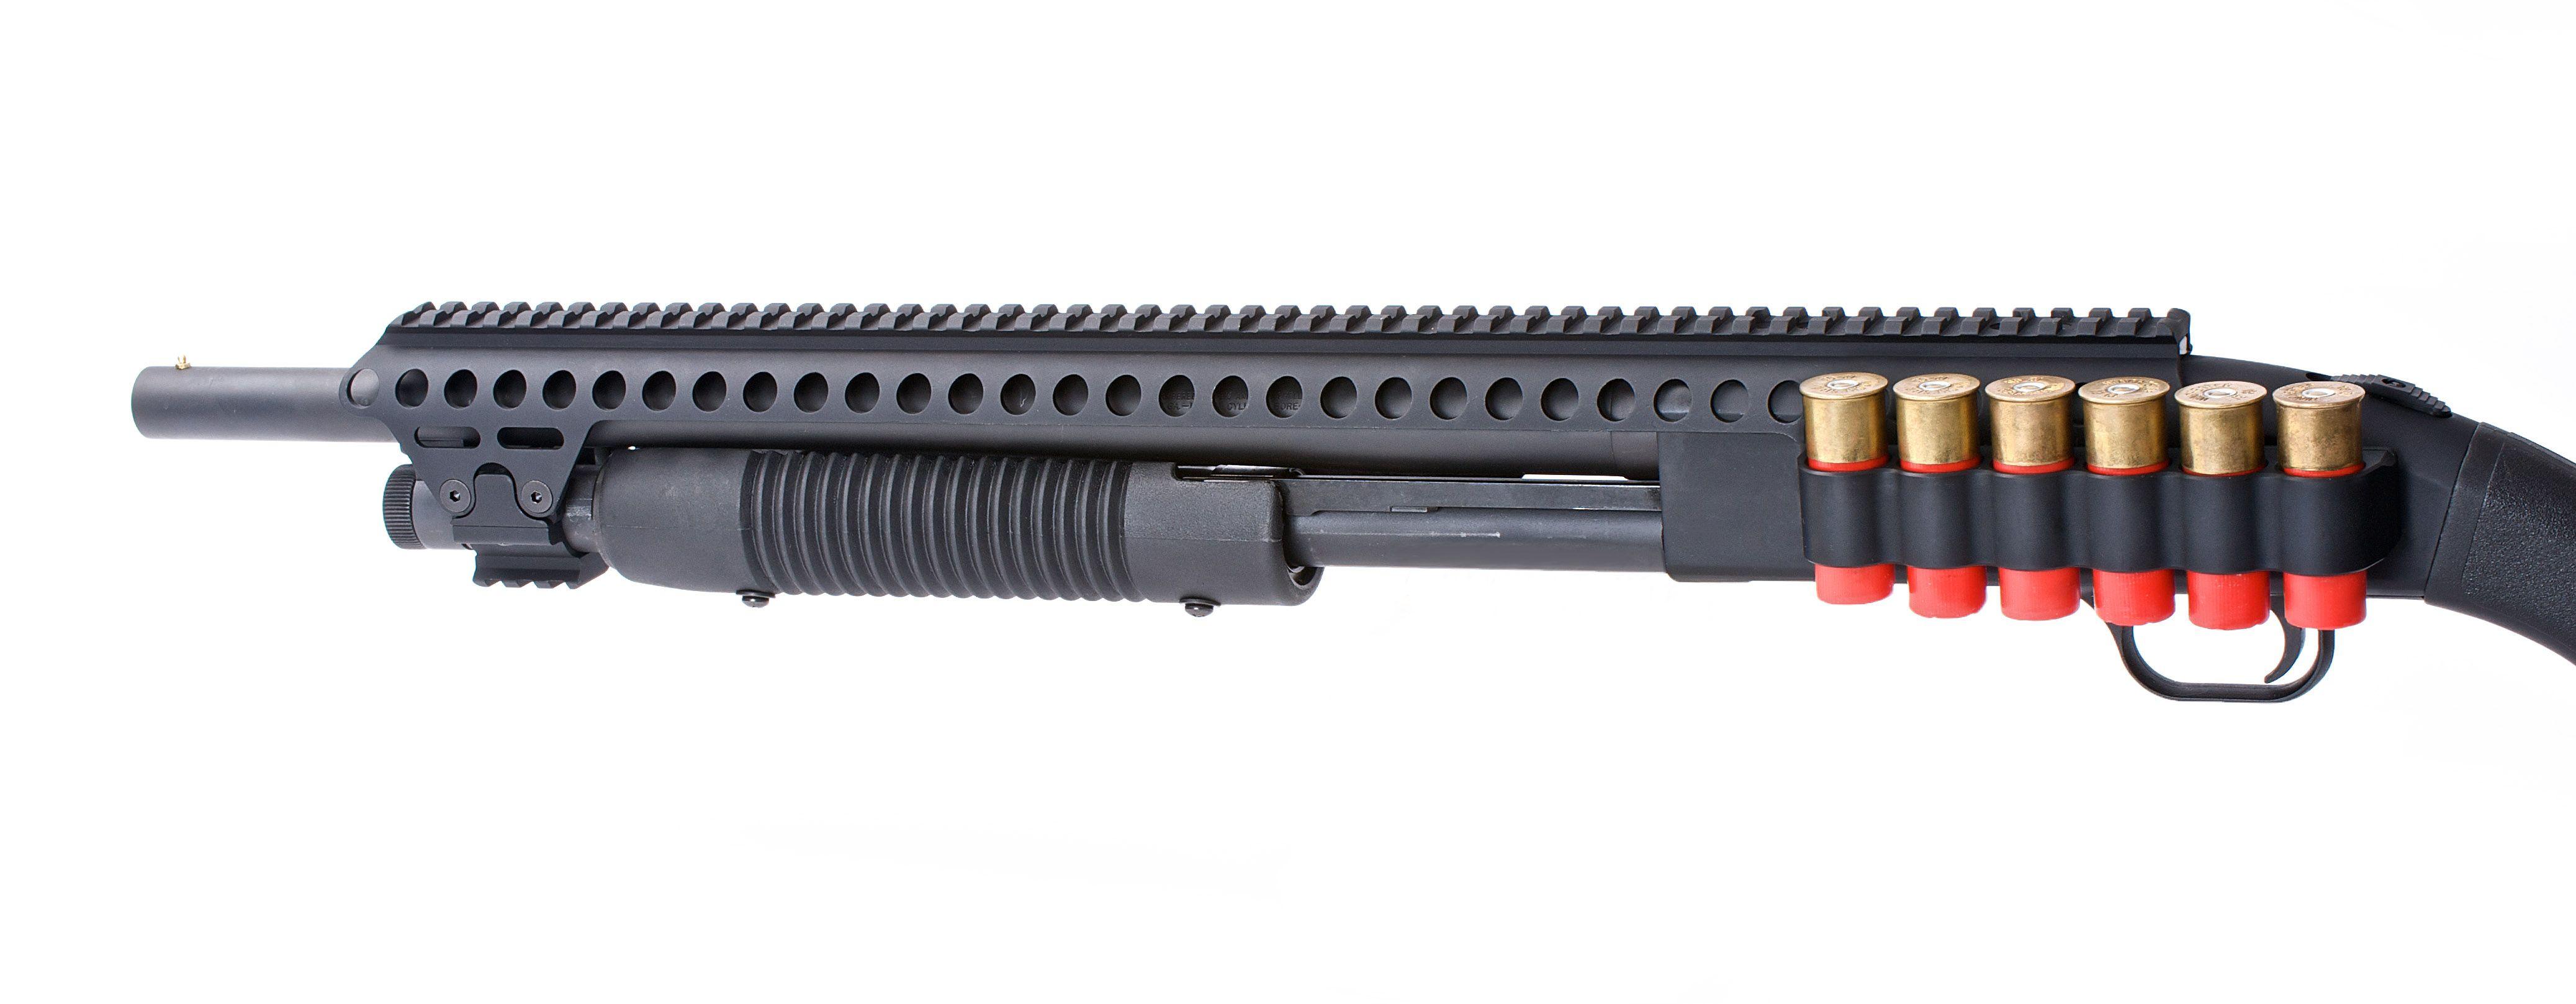 mesa tactical mossberg 500 - HD4150×1617